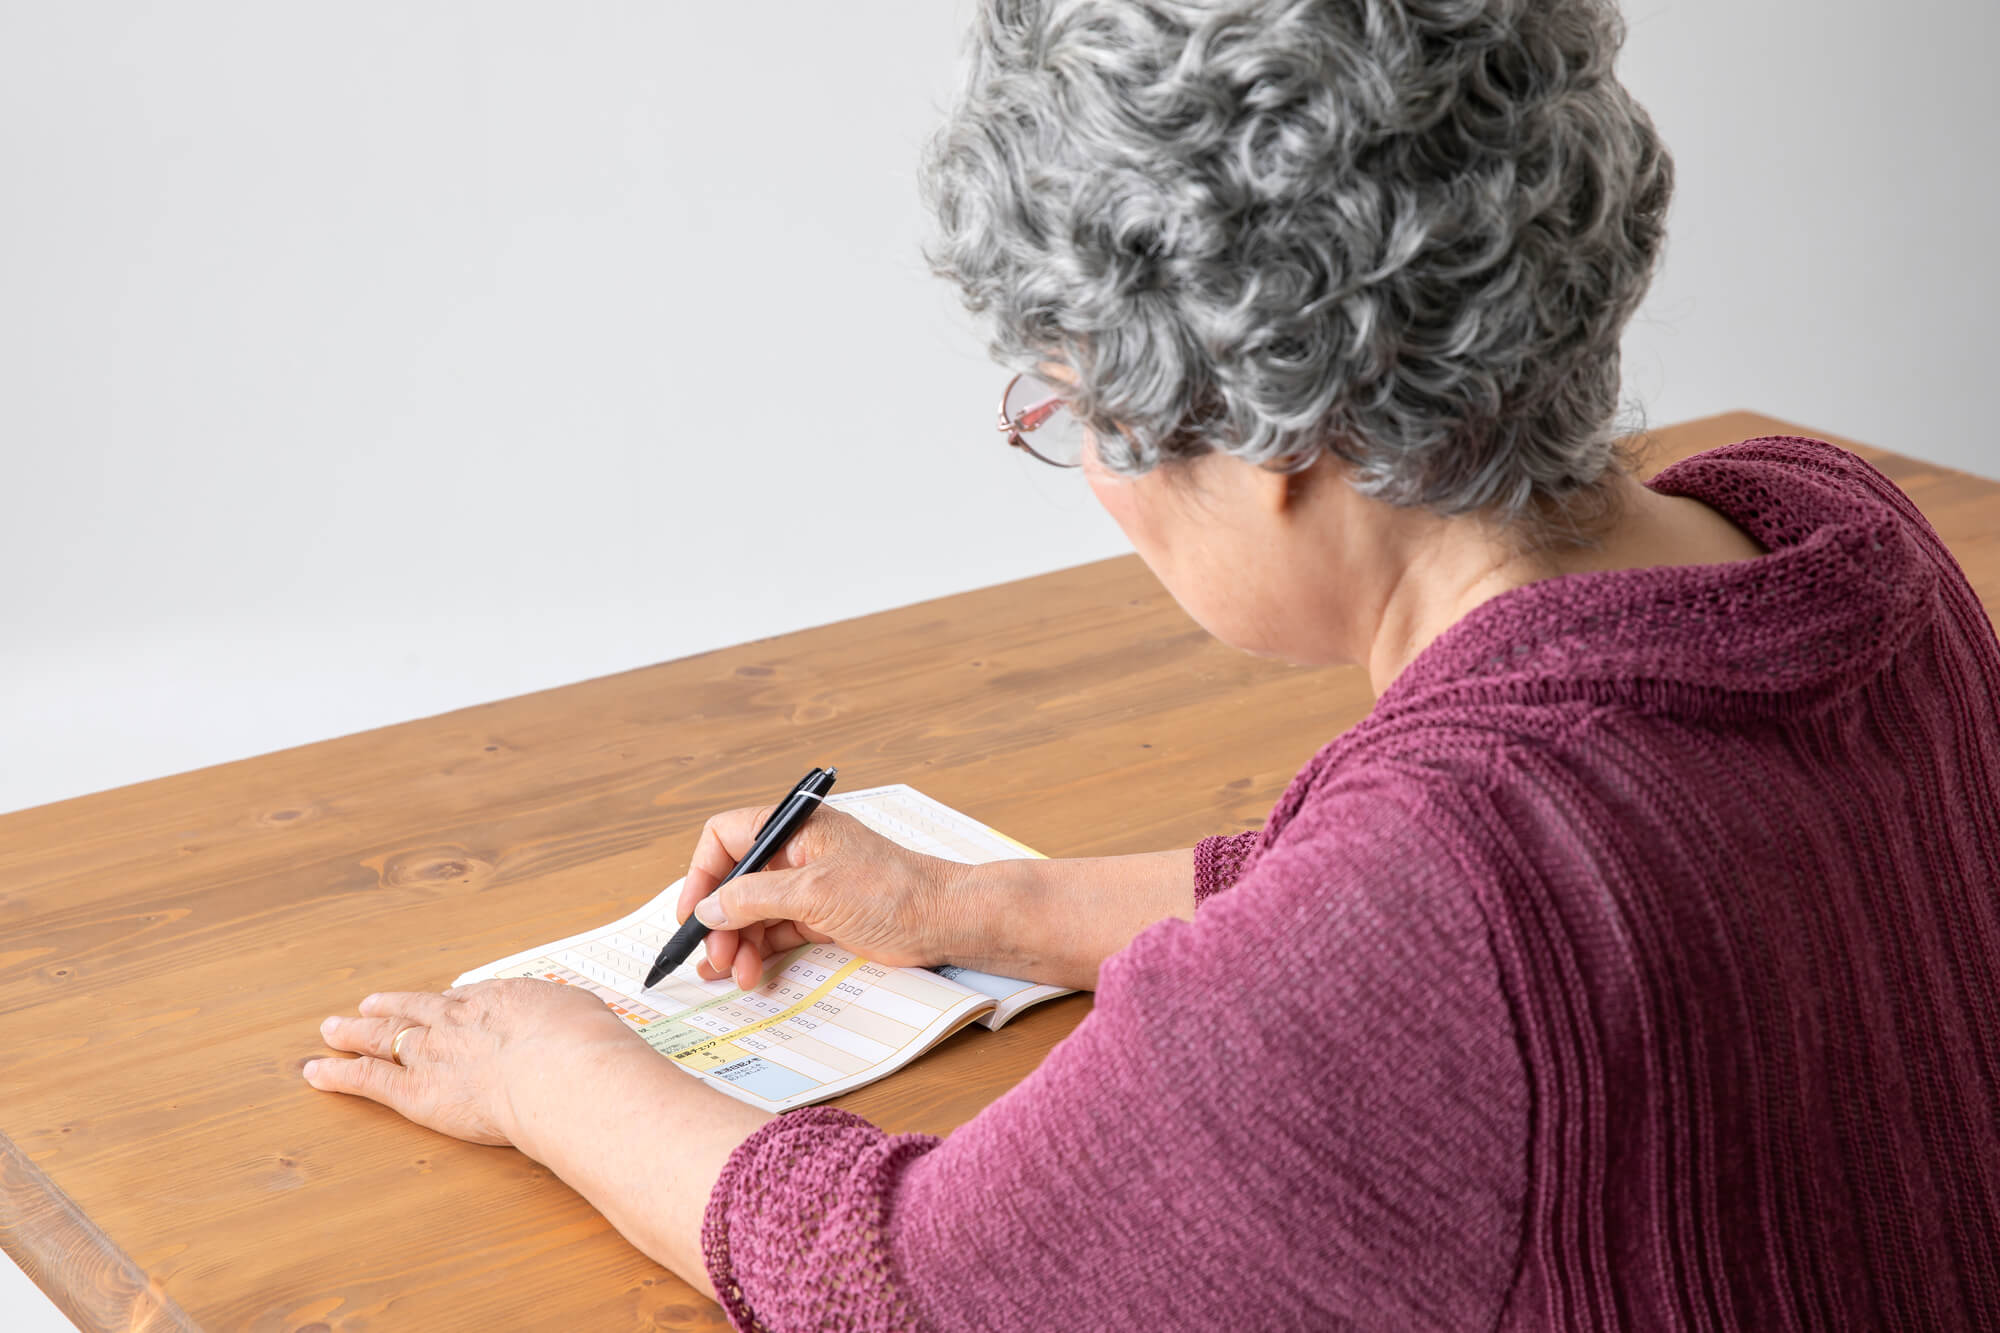 生前整理は70歳までに!親の衰えを見極めるサイン もめずに進める終活のすすめ - 相続オナヤミ相談 花沢事務所